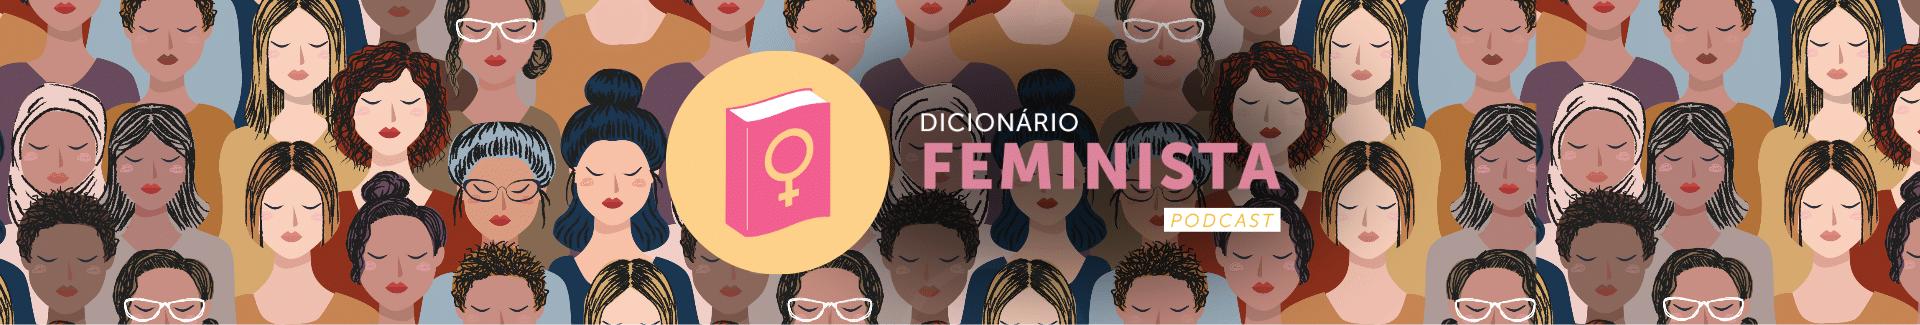 banner - Dicionario Feminista